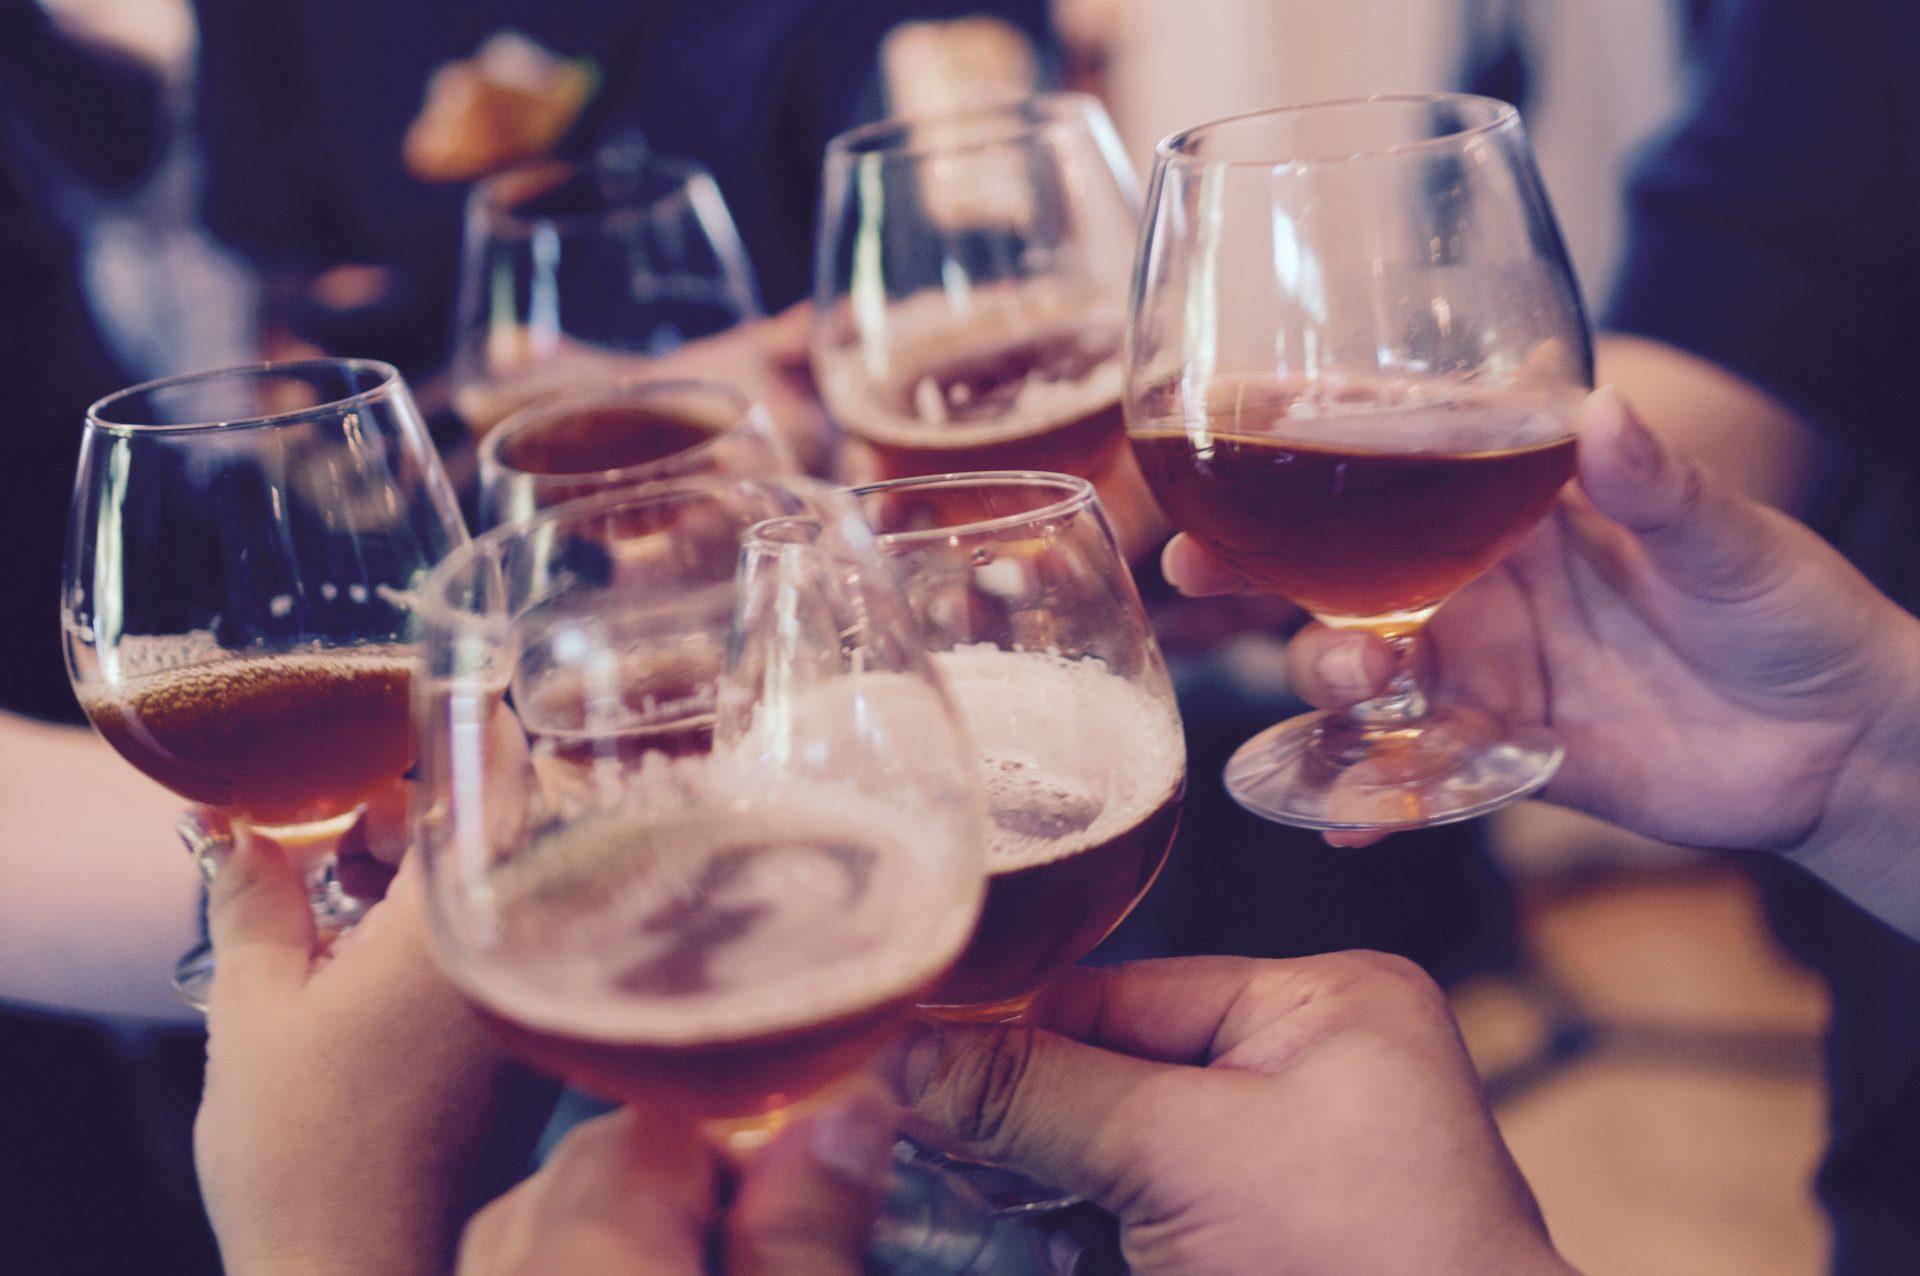 U susret vikendu: Od ovih pića ćete imati najgore mamurluke